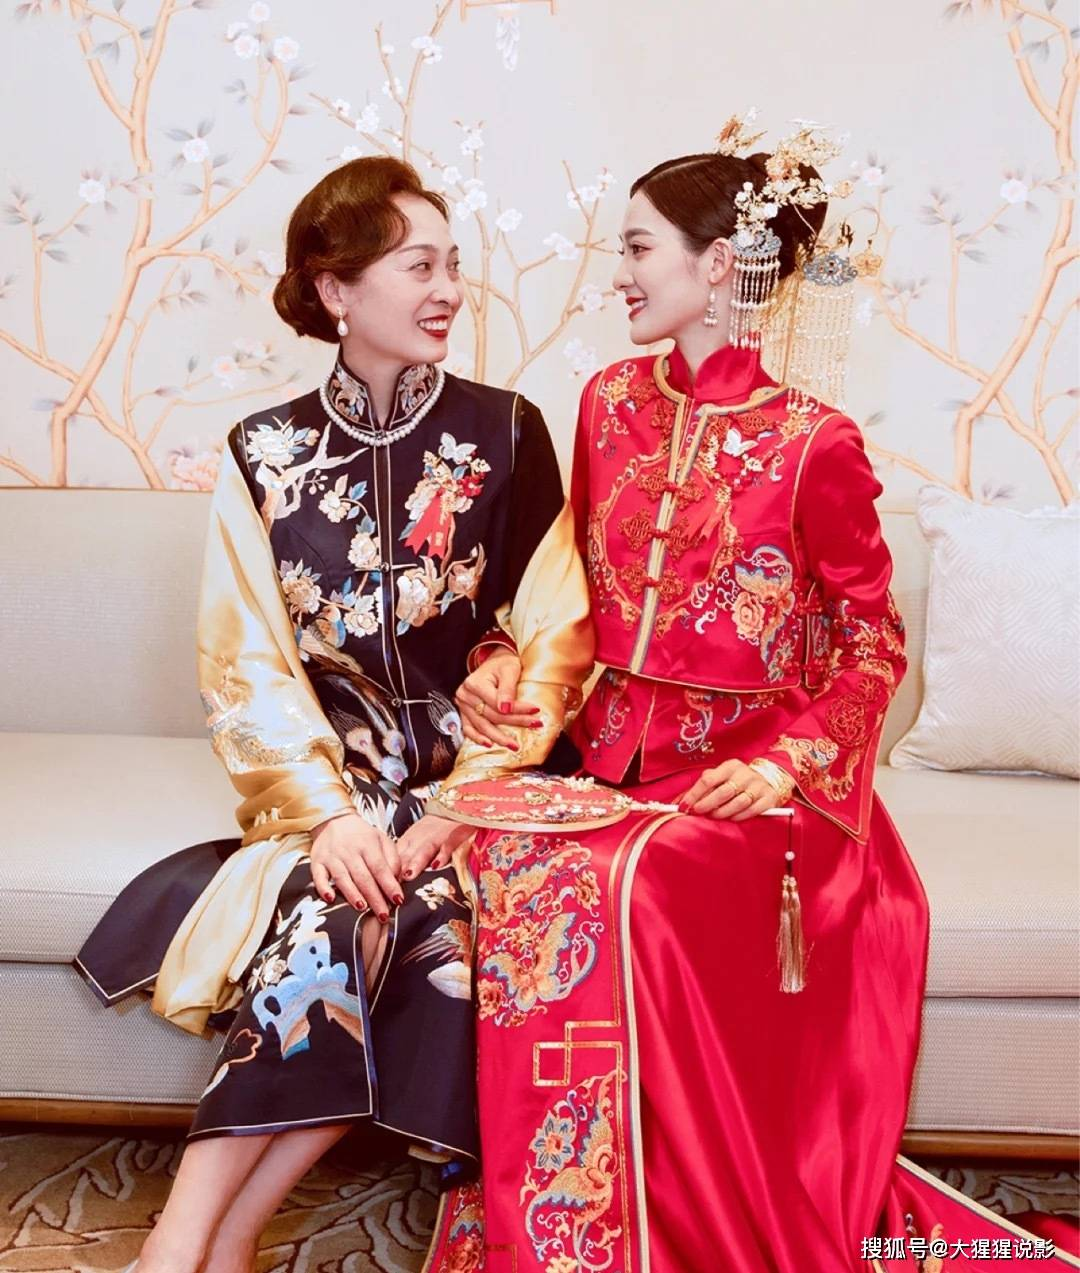 梦见自己穿着红色长旗袍 梦见别人穿漂亮的旗袍